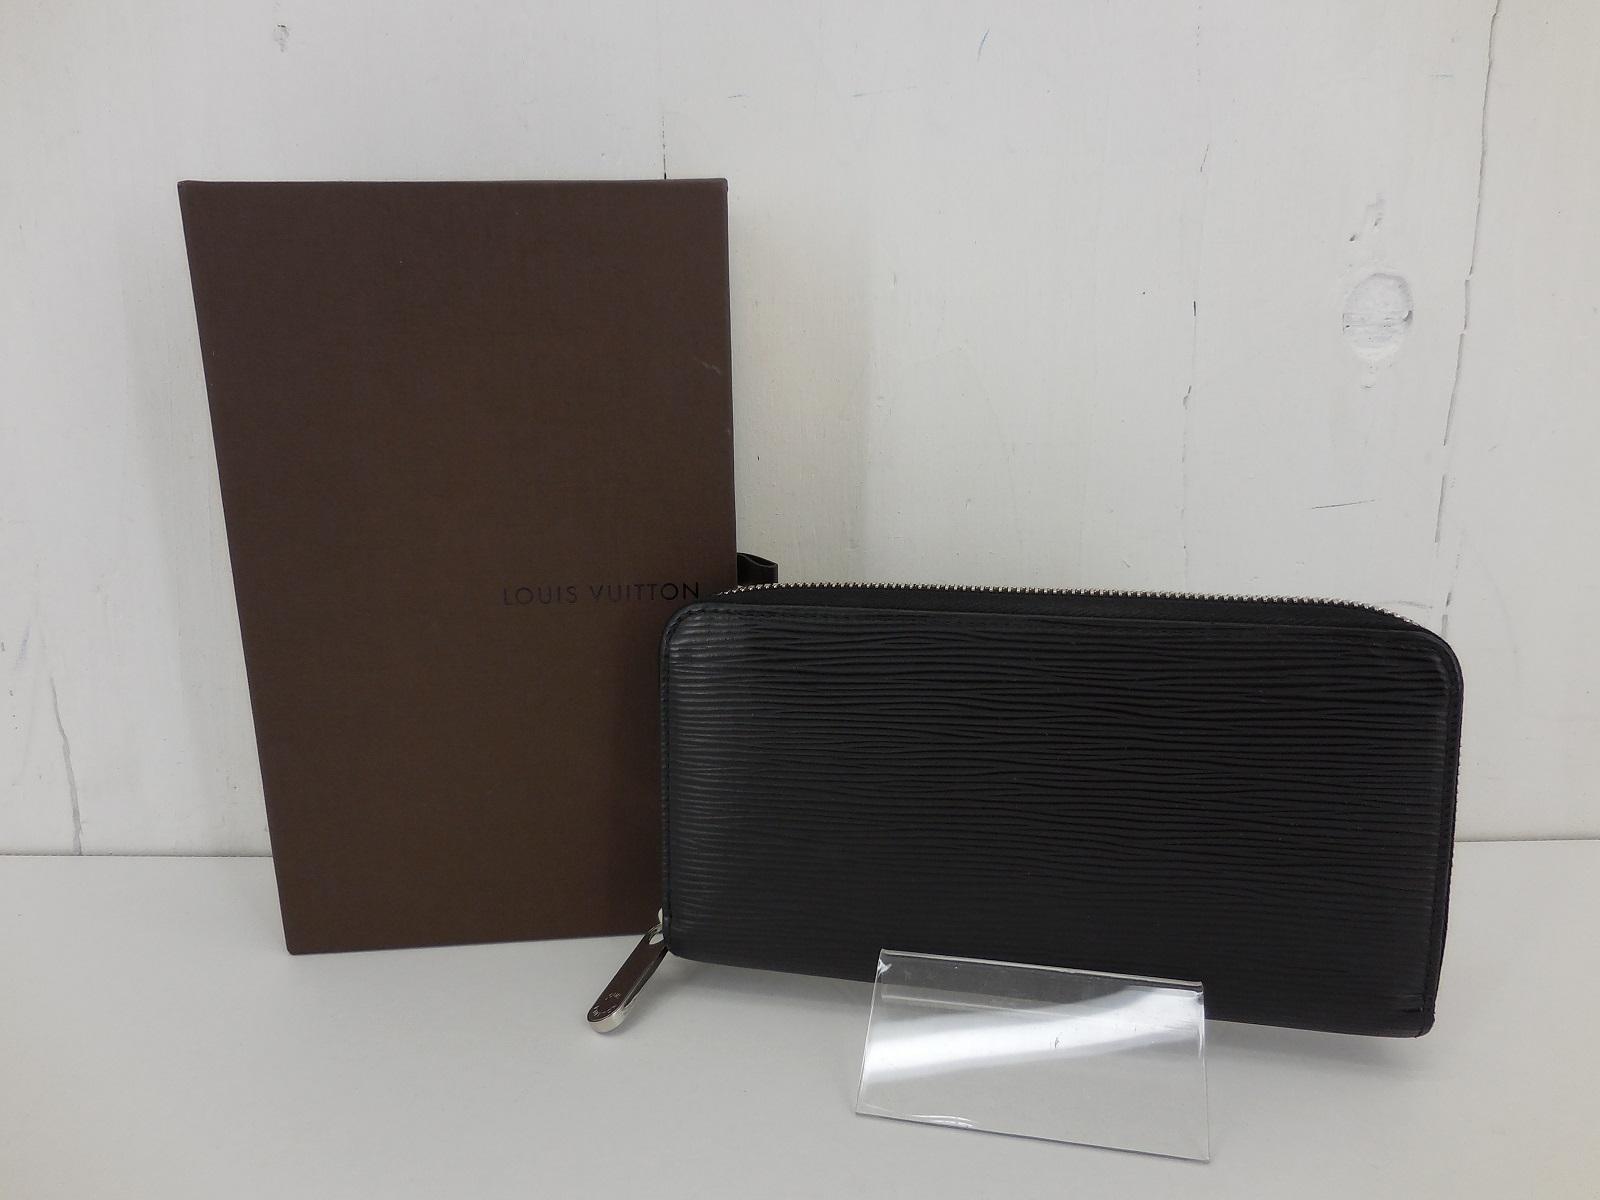 LOUIS VUITTON M61857 エピ・ノワール ジッピー・ウォレット ルイ・ヴィトン ラウンドジップ 財布 ブラック JSB鑑定済み